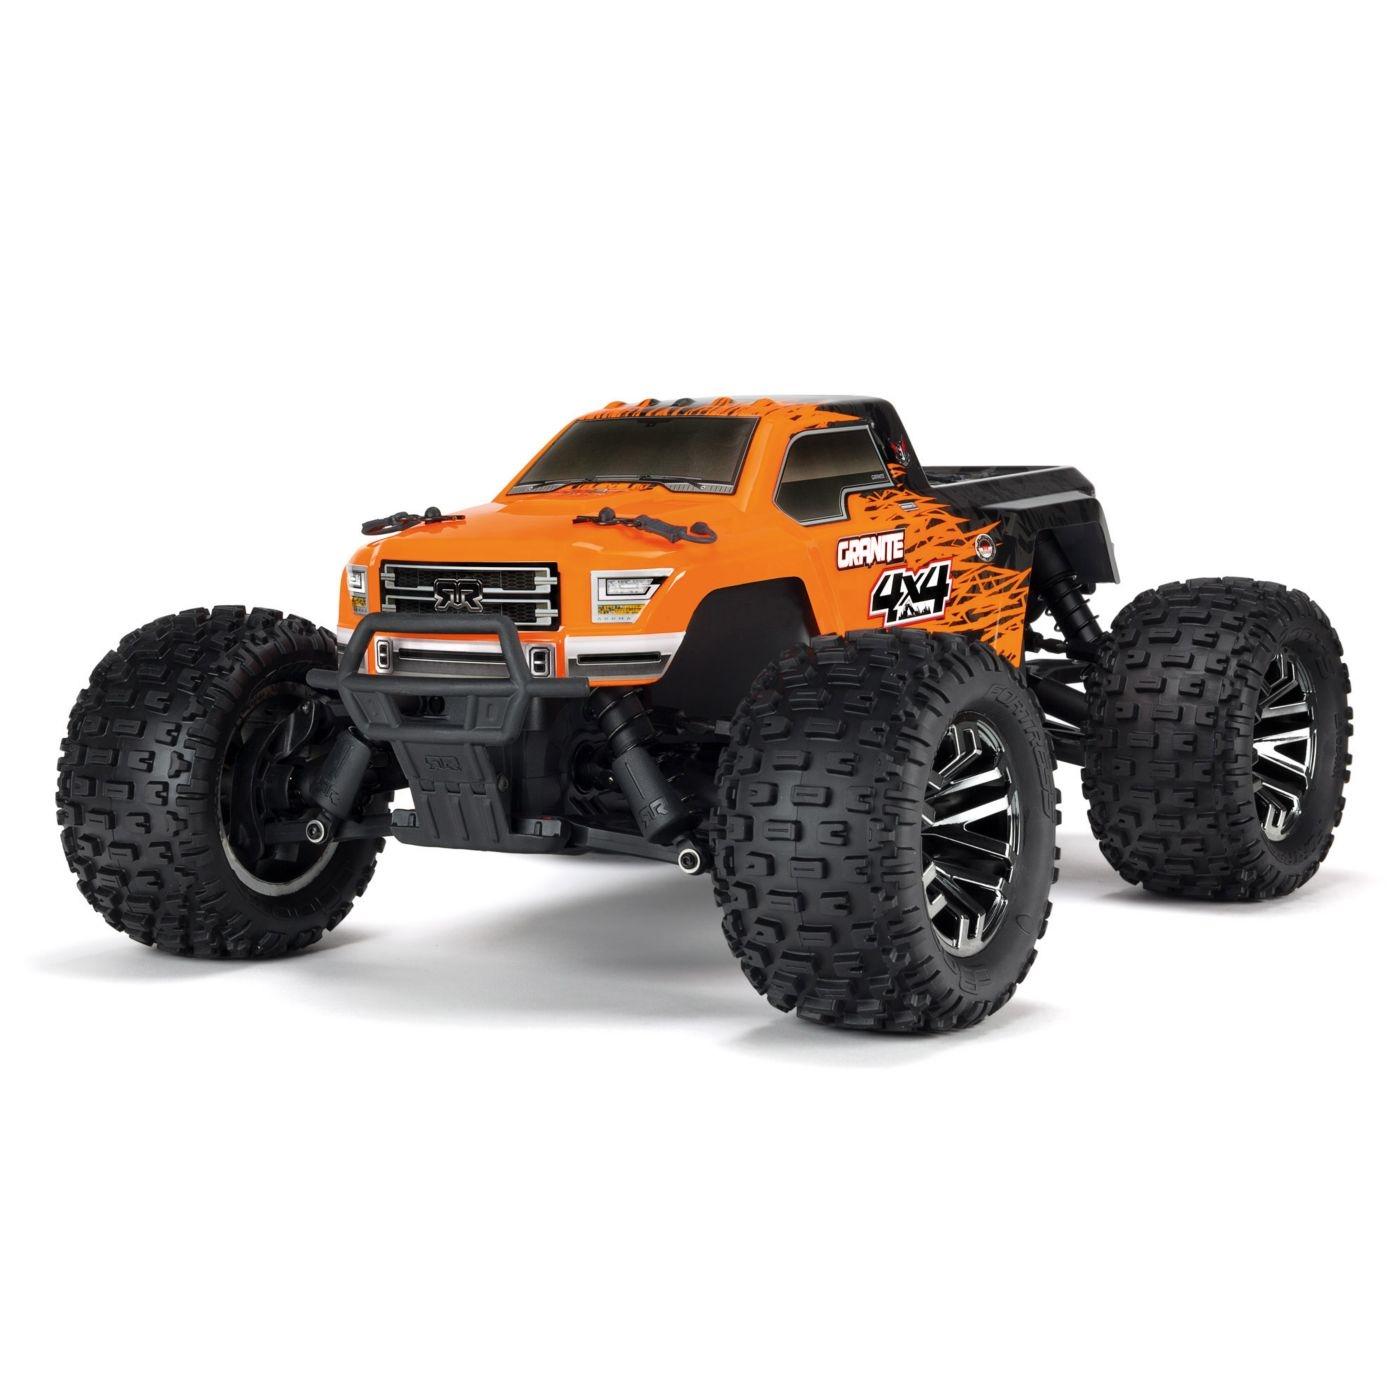 ARRMA Granite 4x4 3s BLX BL Monster Truck - RTR